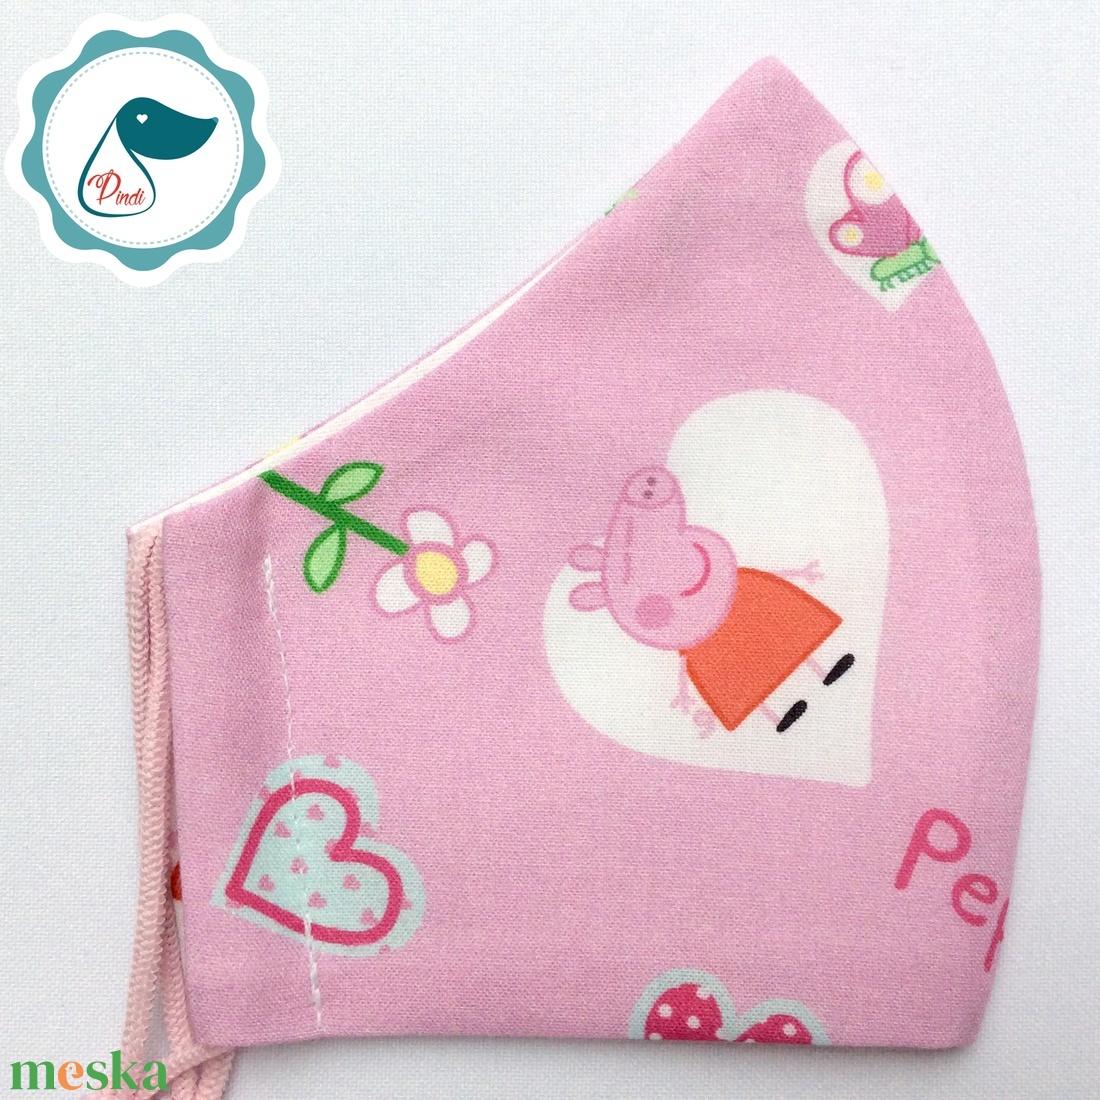 Egyedi peppa malac maszk- gyerek arcmaszk - textil szájmaszk - egészségügyi szájmaszk - mosható szájmaszk - maszk, arcmaszk - gyerek - Meska.hu